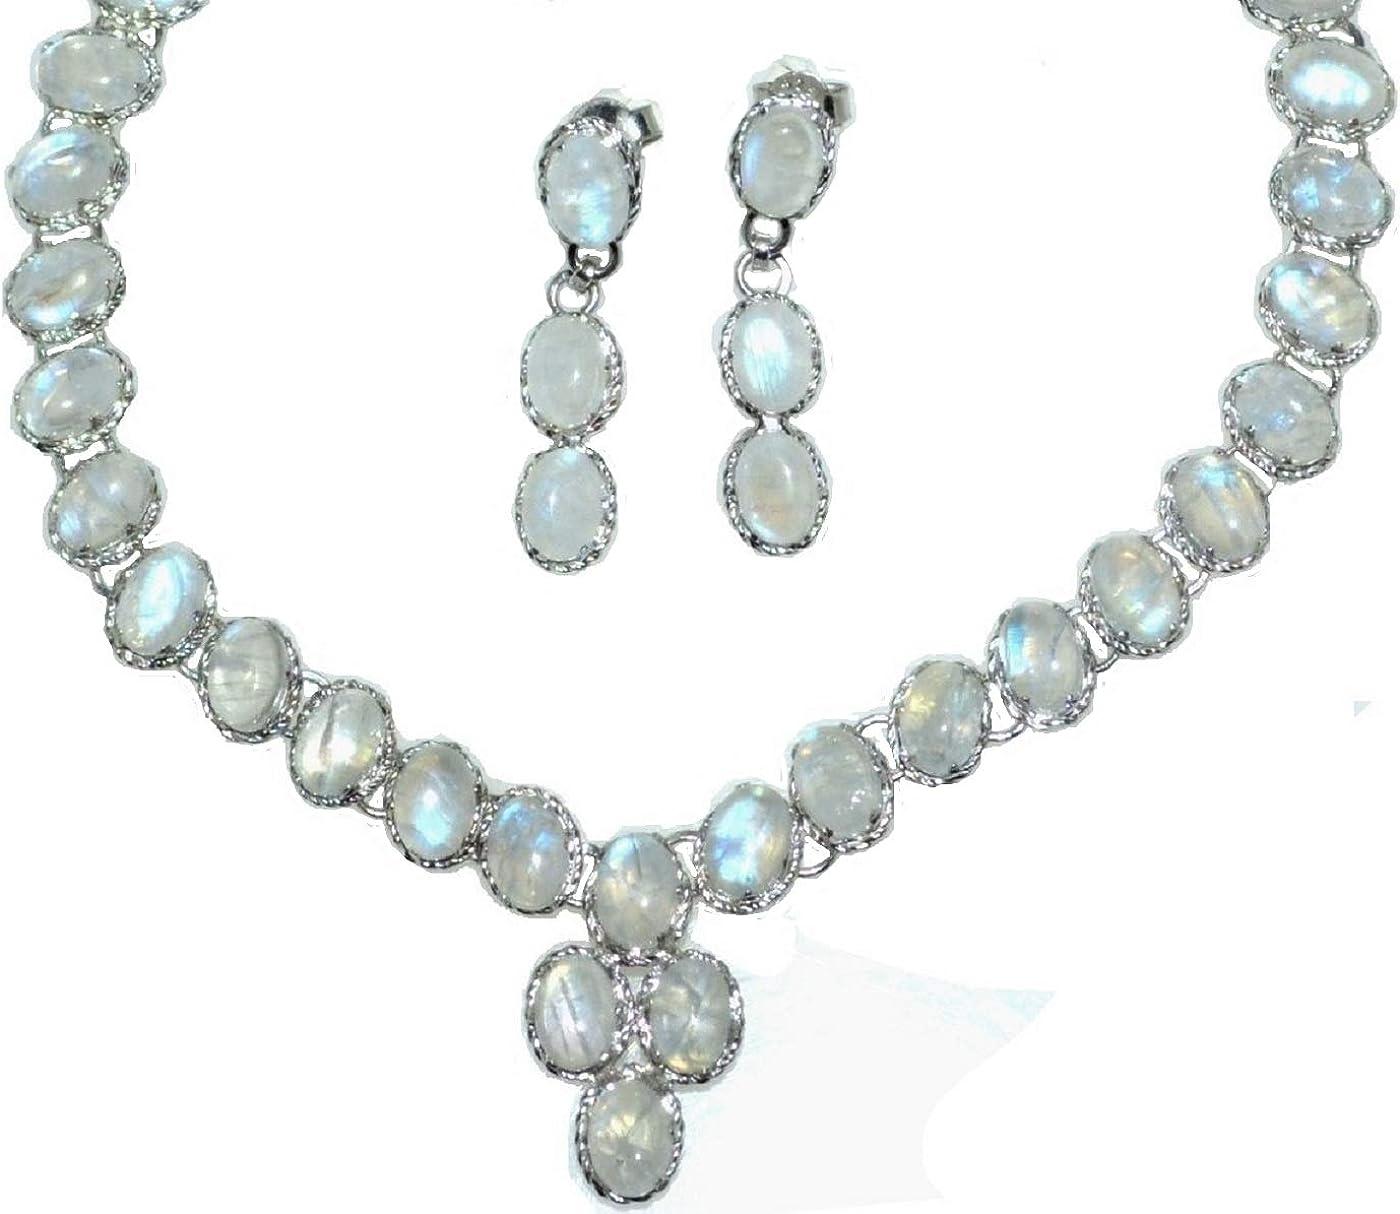 Broche de plata de ley y piedra de luna arco iris juego de collar y pendientes con cristales de, hecha a mano 925 joyas de regalos de piedra del mes